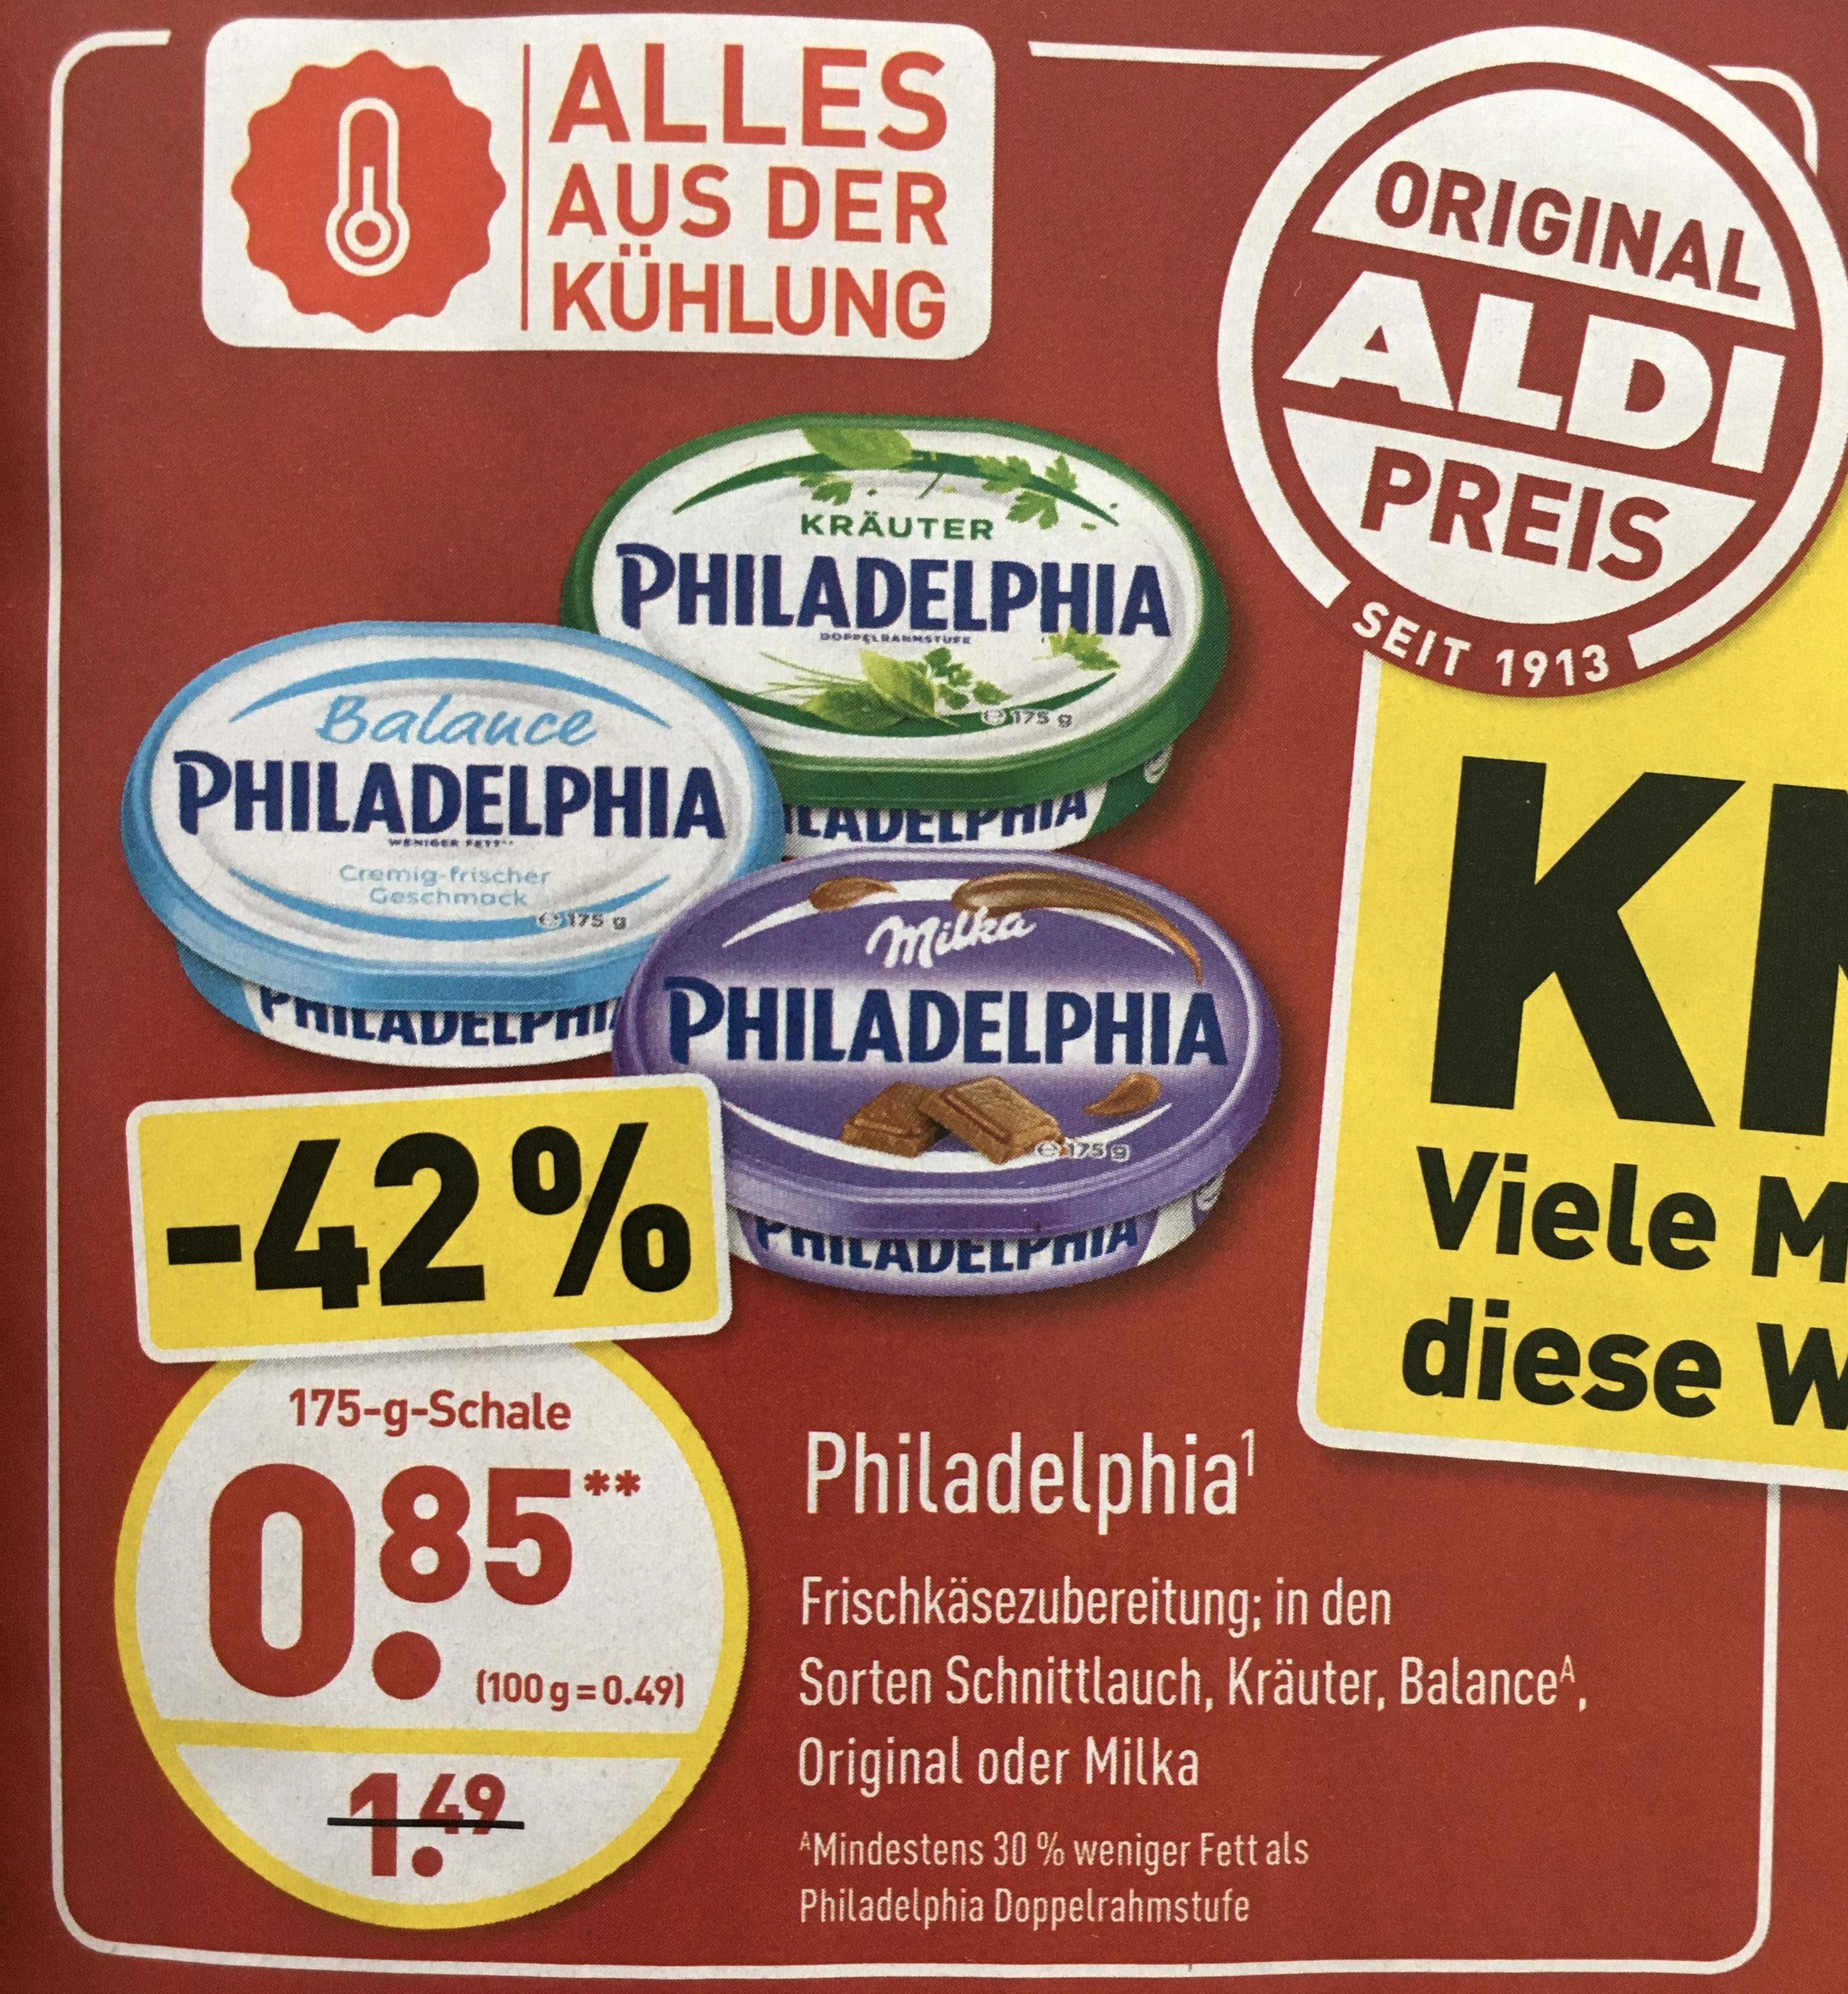 Philadelphia Frischkäse für 0,85€ ab 02.06. [ALDI-NORD]